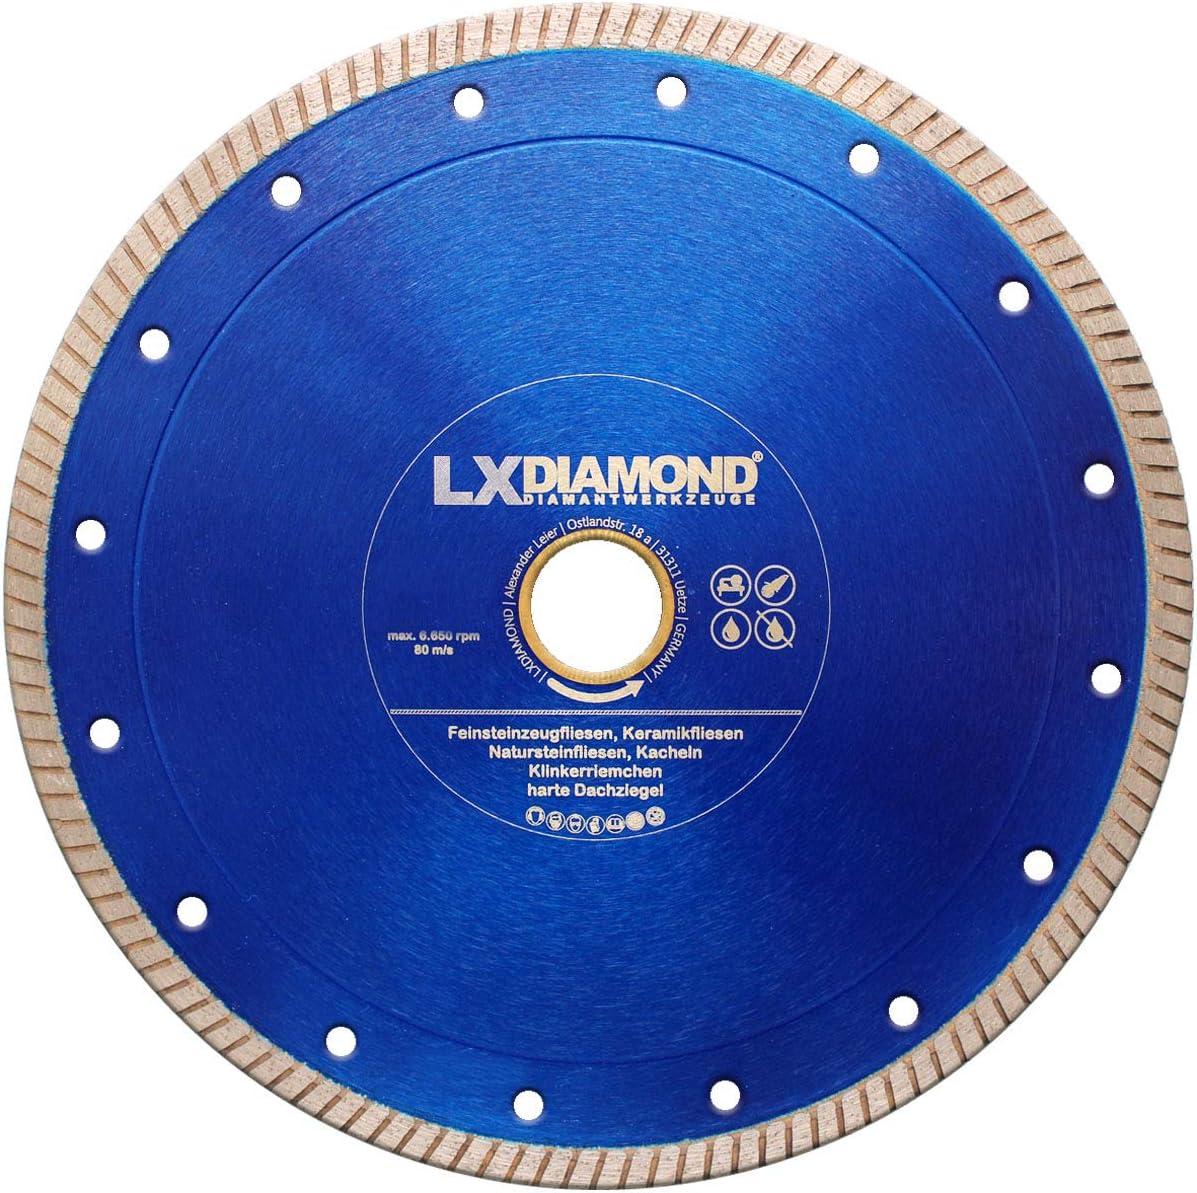 LXDIAMOND Disque /à tron/çonner diamant 115mm x 22,23mm Disque diamant de qualit/é sup/érieure pour carrelage Carrelage de sol en gr/ès c/érame Kreamik Carrelages en pierre naturelle Bandes de 115 mm